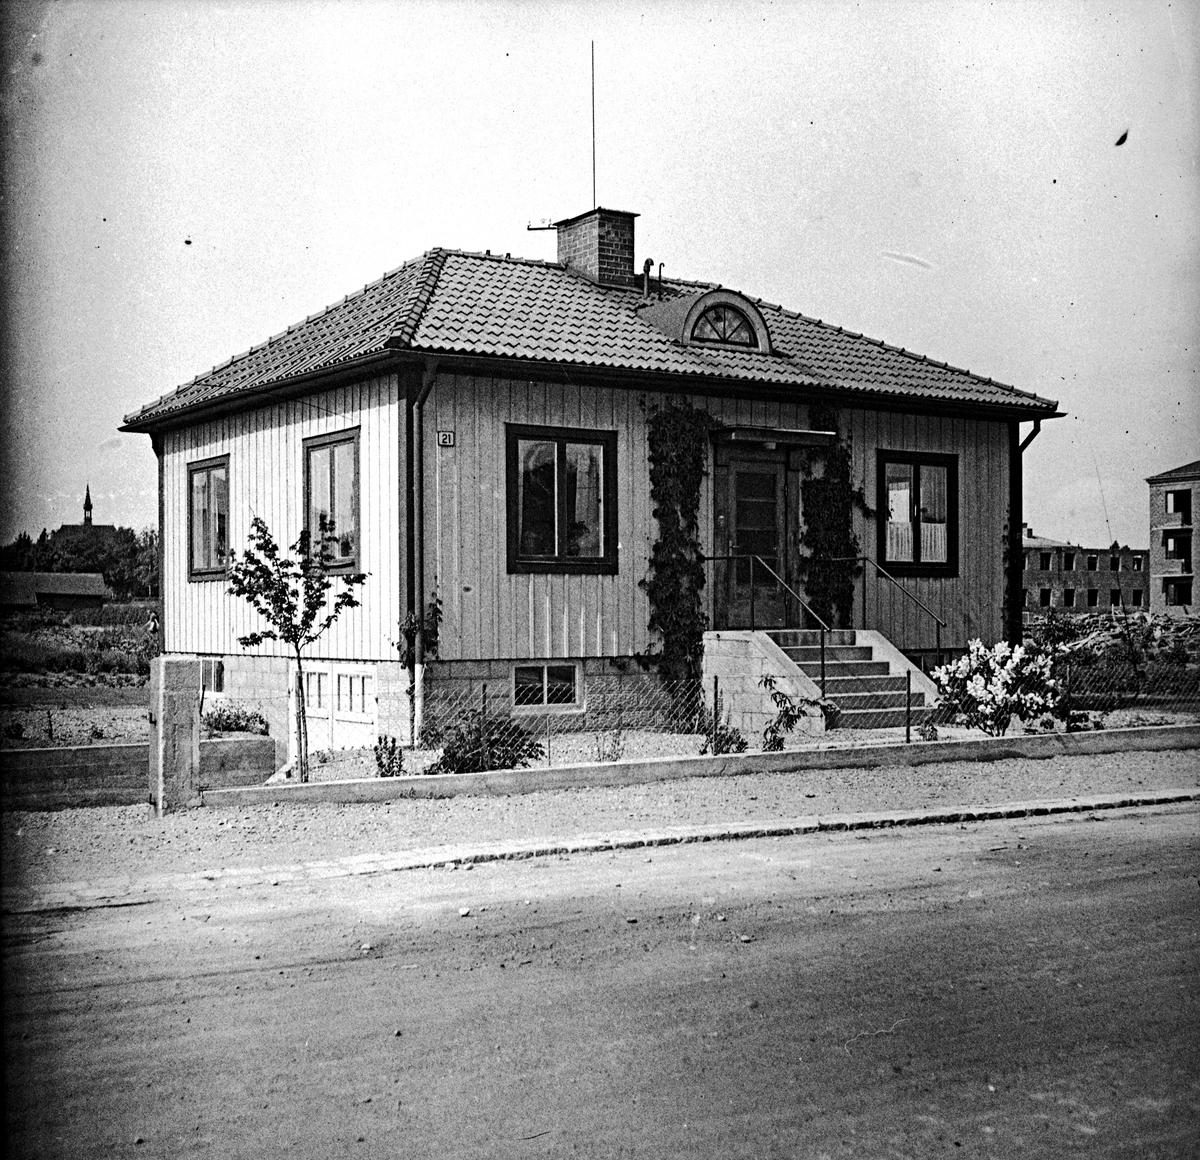 Bergkvists villa på Byjorden 1944. Fotograf: E Sörman Fotokopia finns.